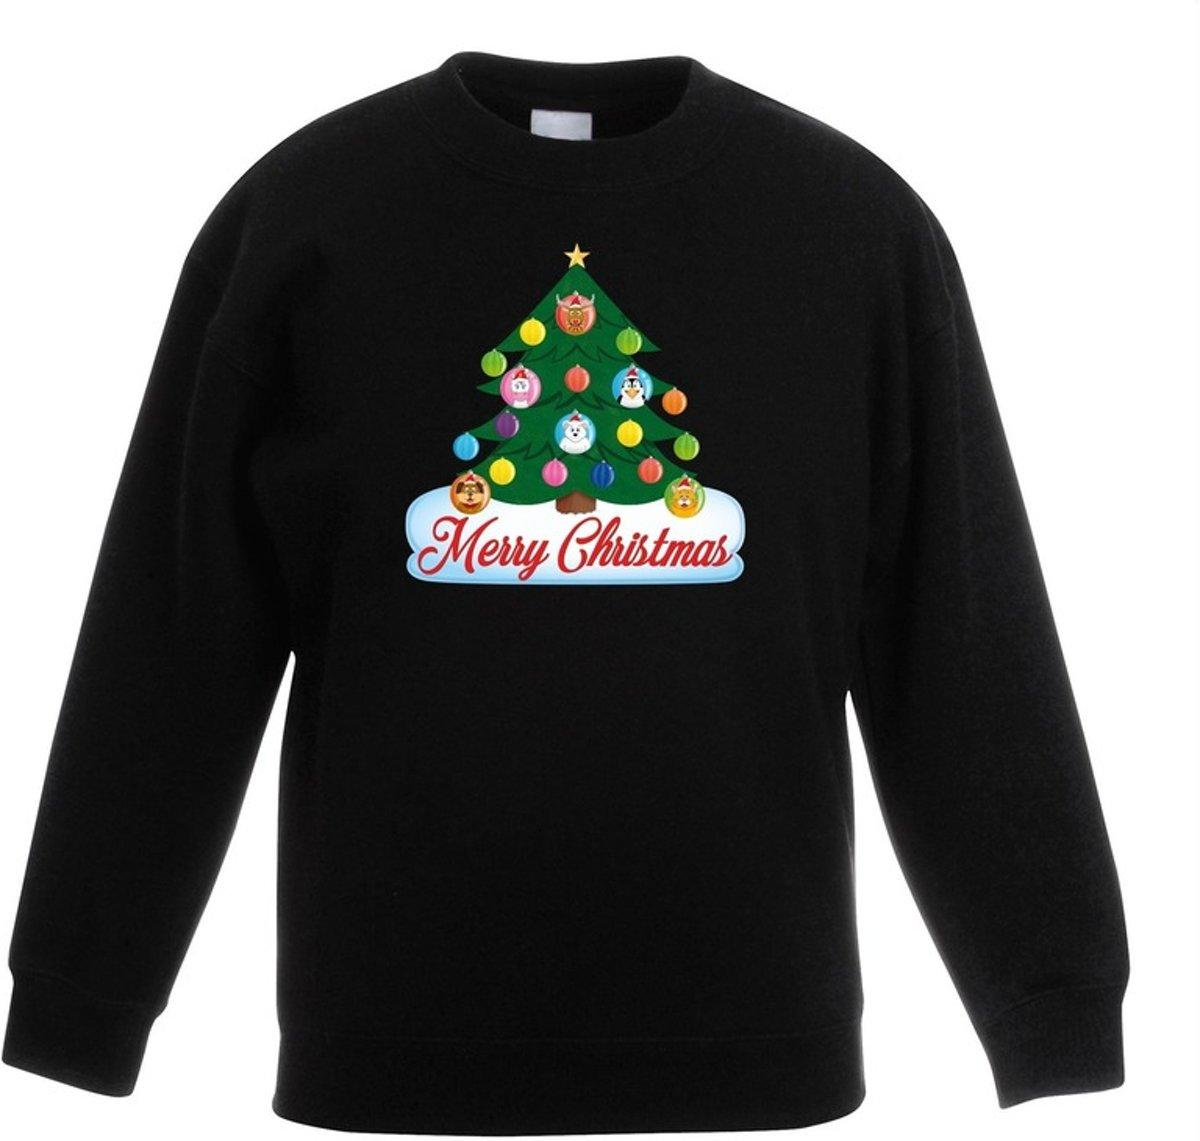 Zwarte kersttrui met dierenvriendjes kerstboom voor jongens en meisjes - Kersttruien kind 7-8 jaar (122/128) kopen